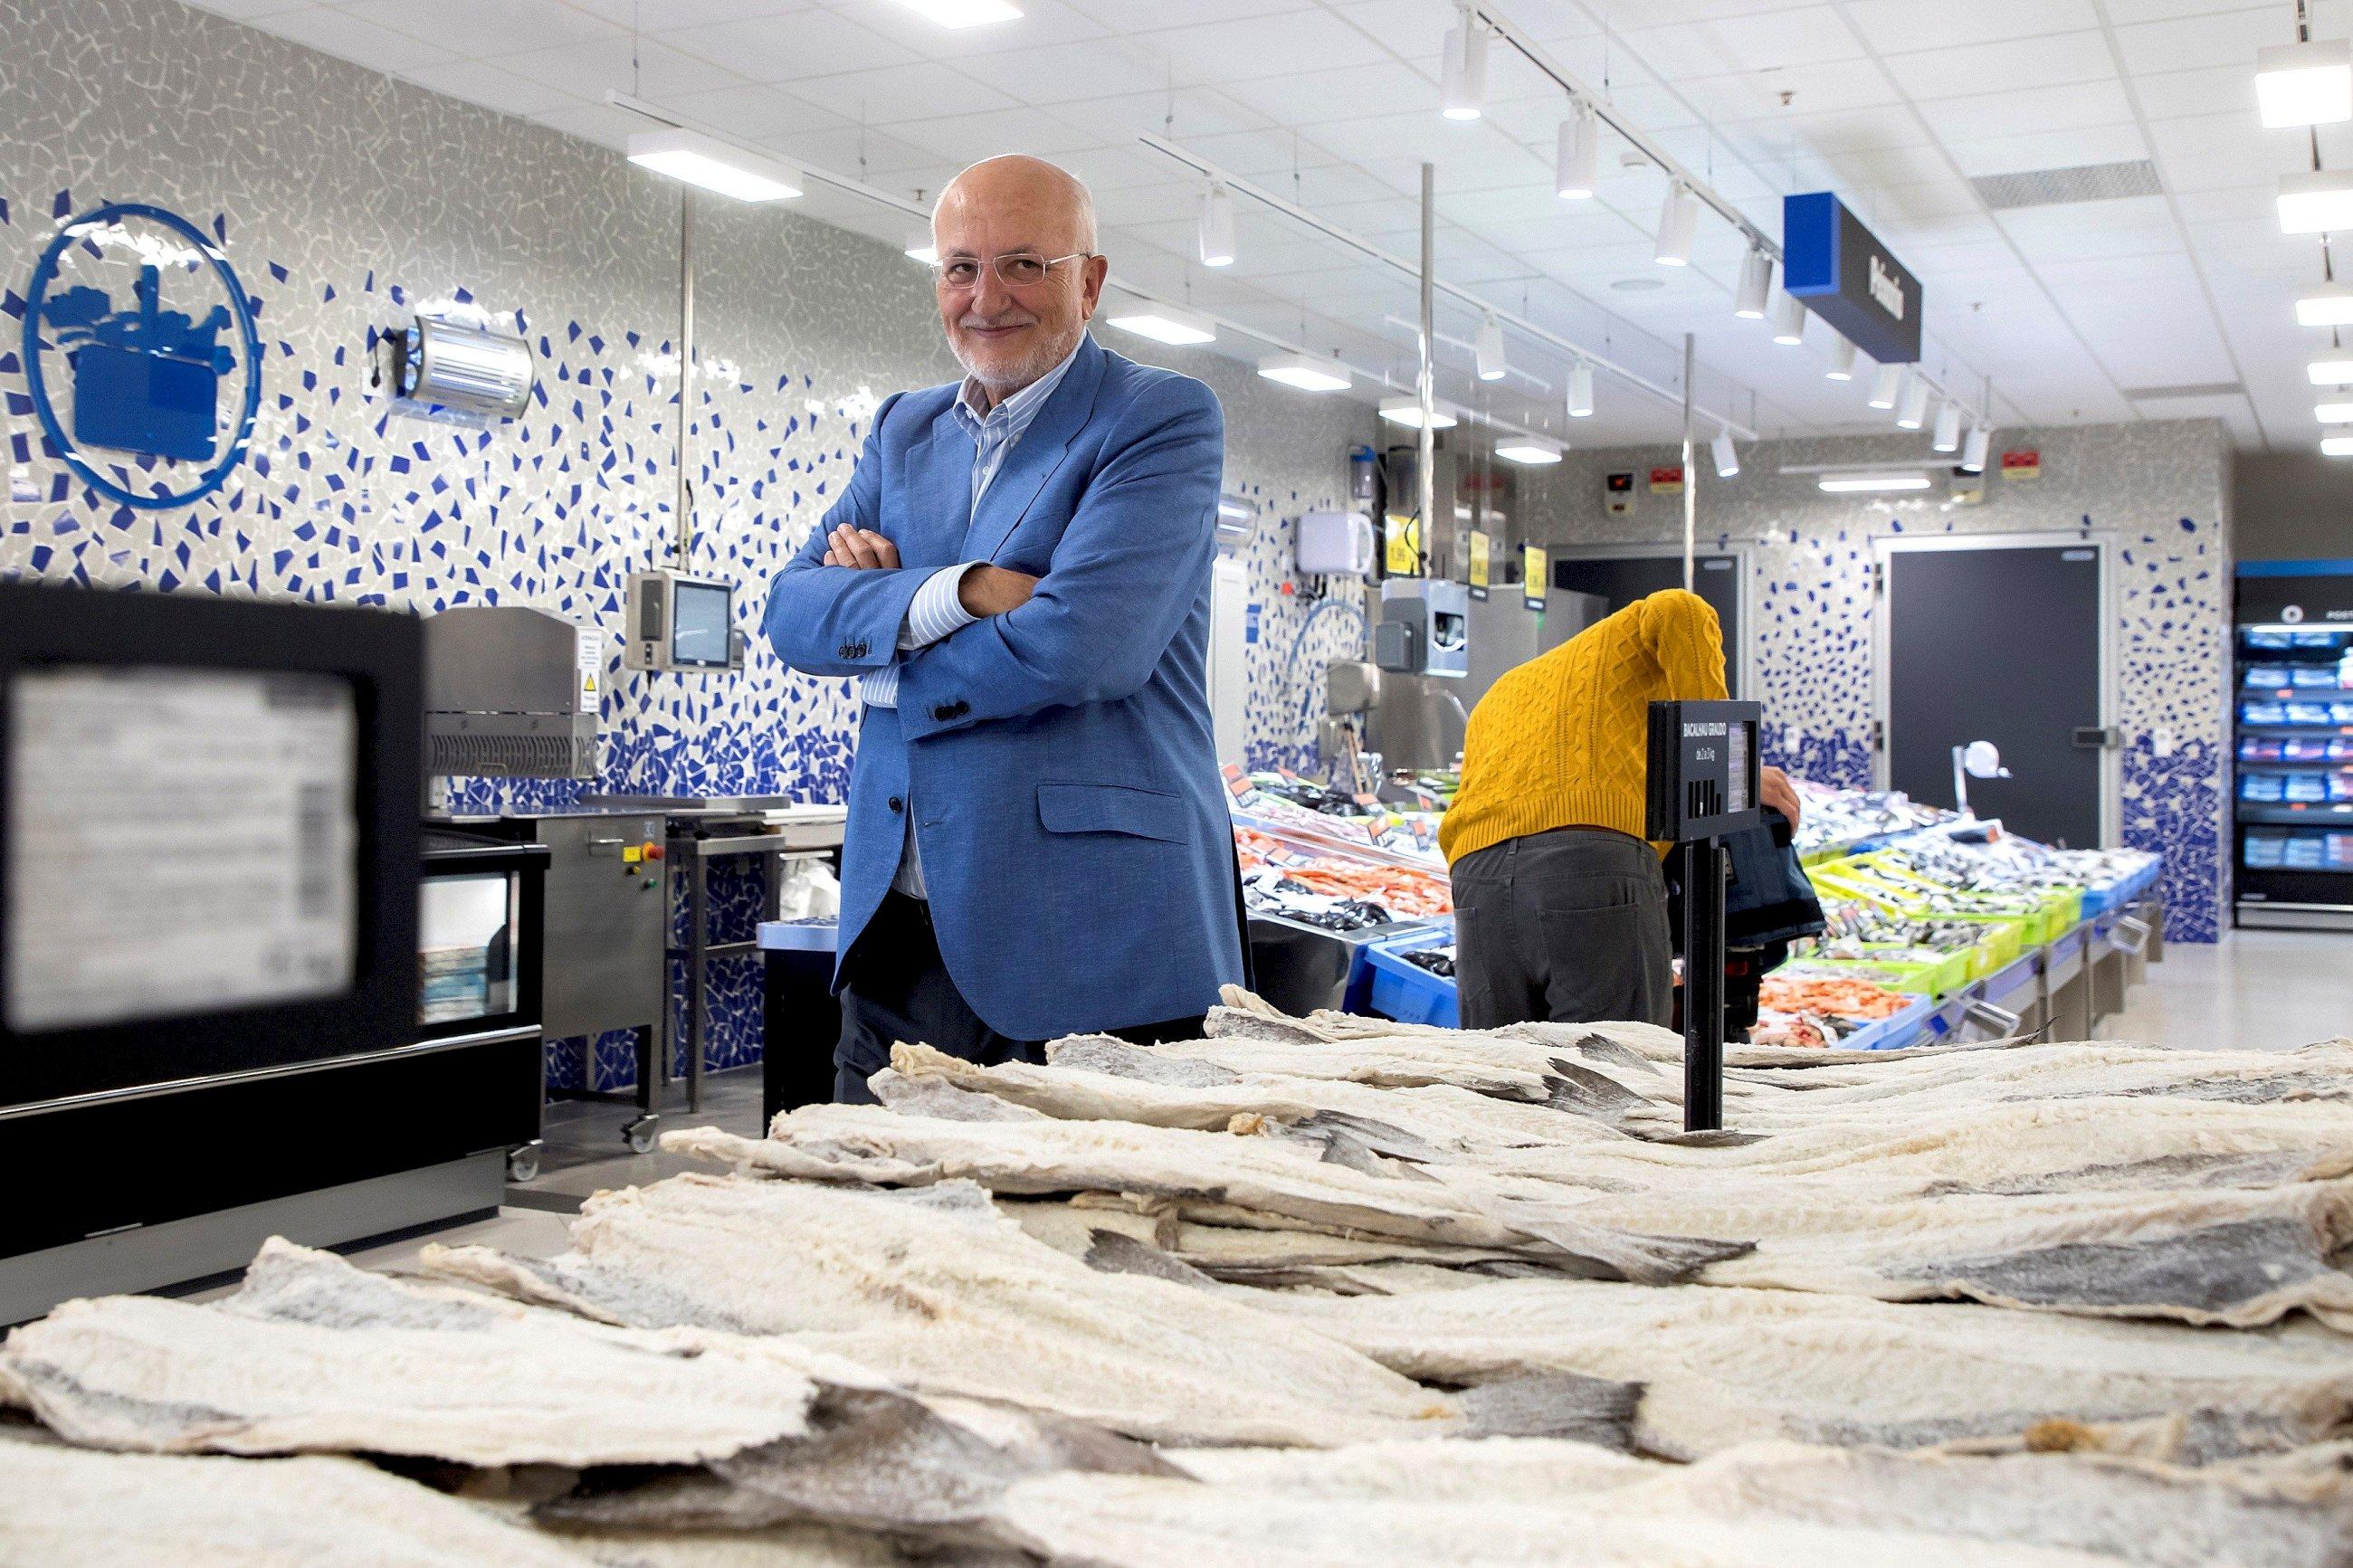 La llegada de Mercadona a Portugal desata una guerra de precios